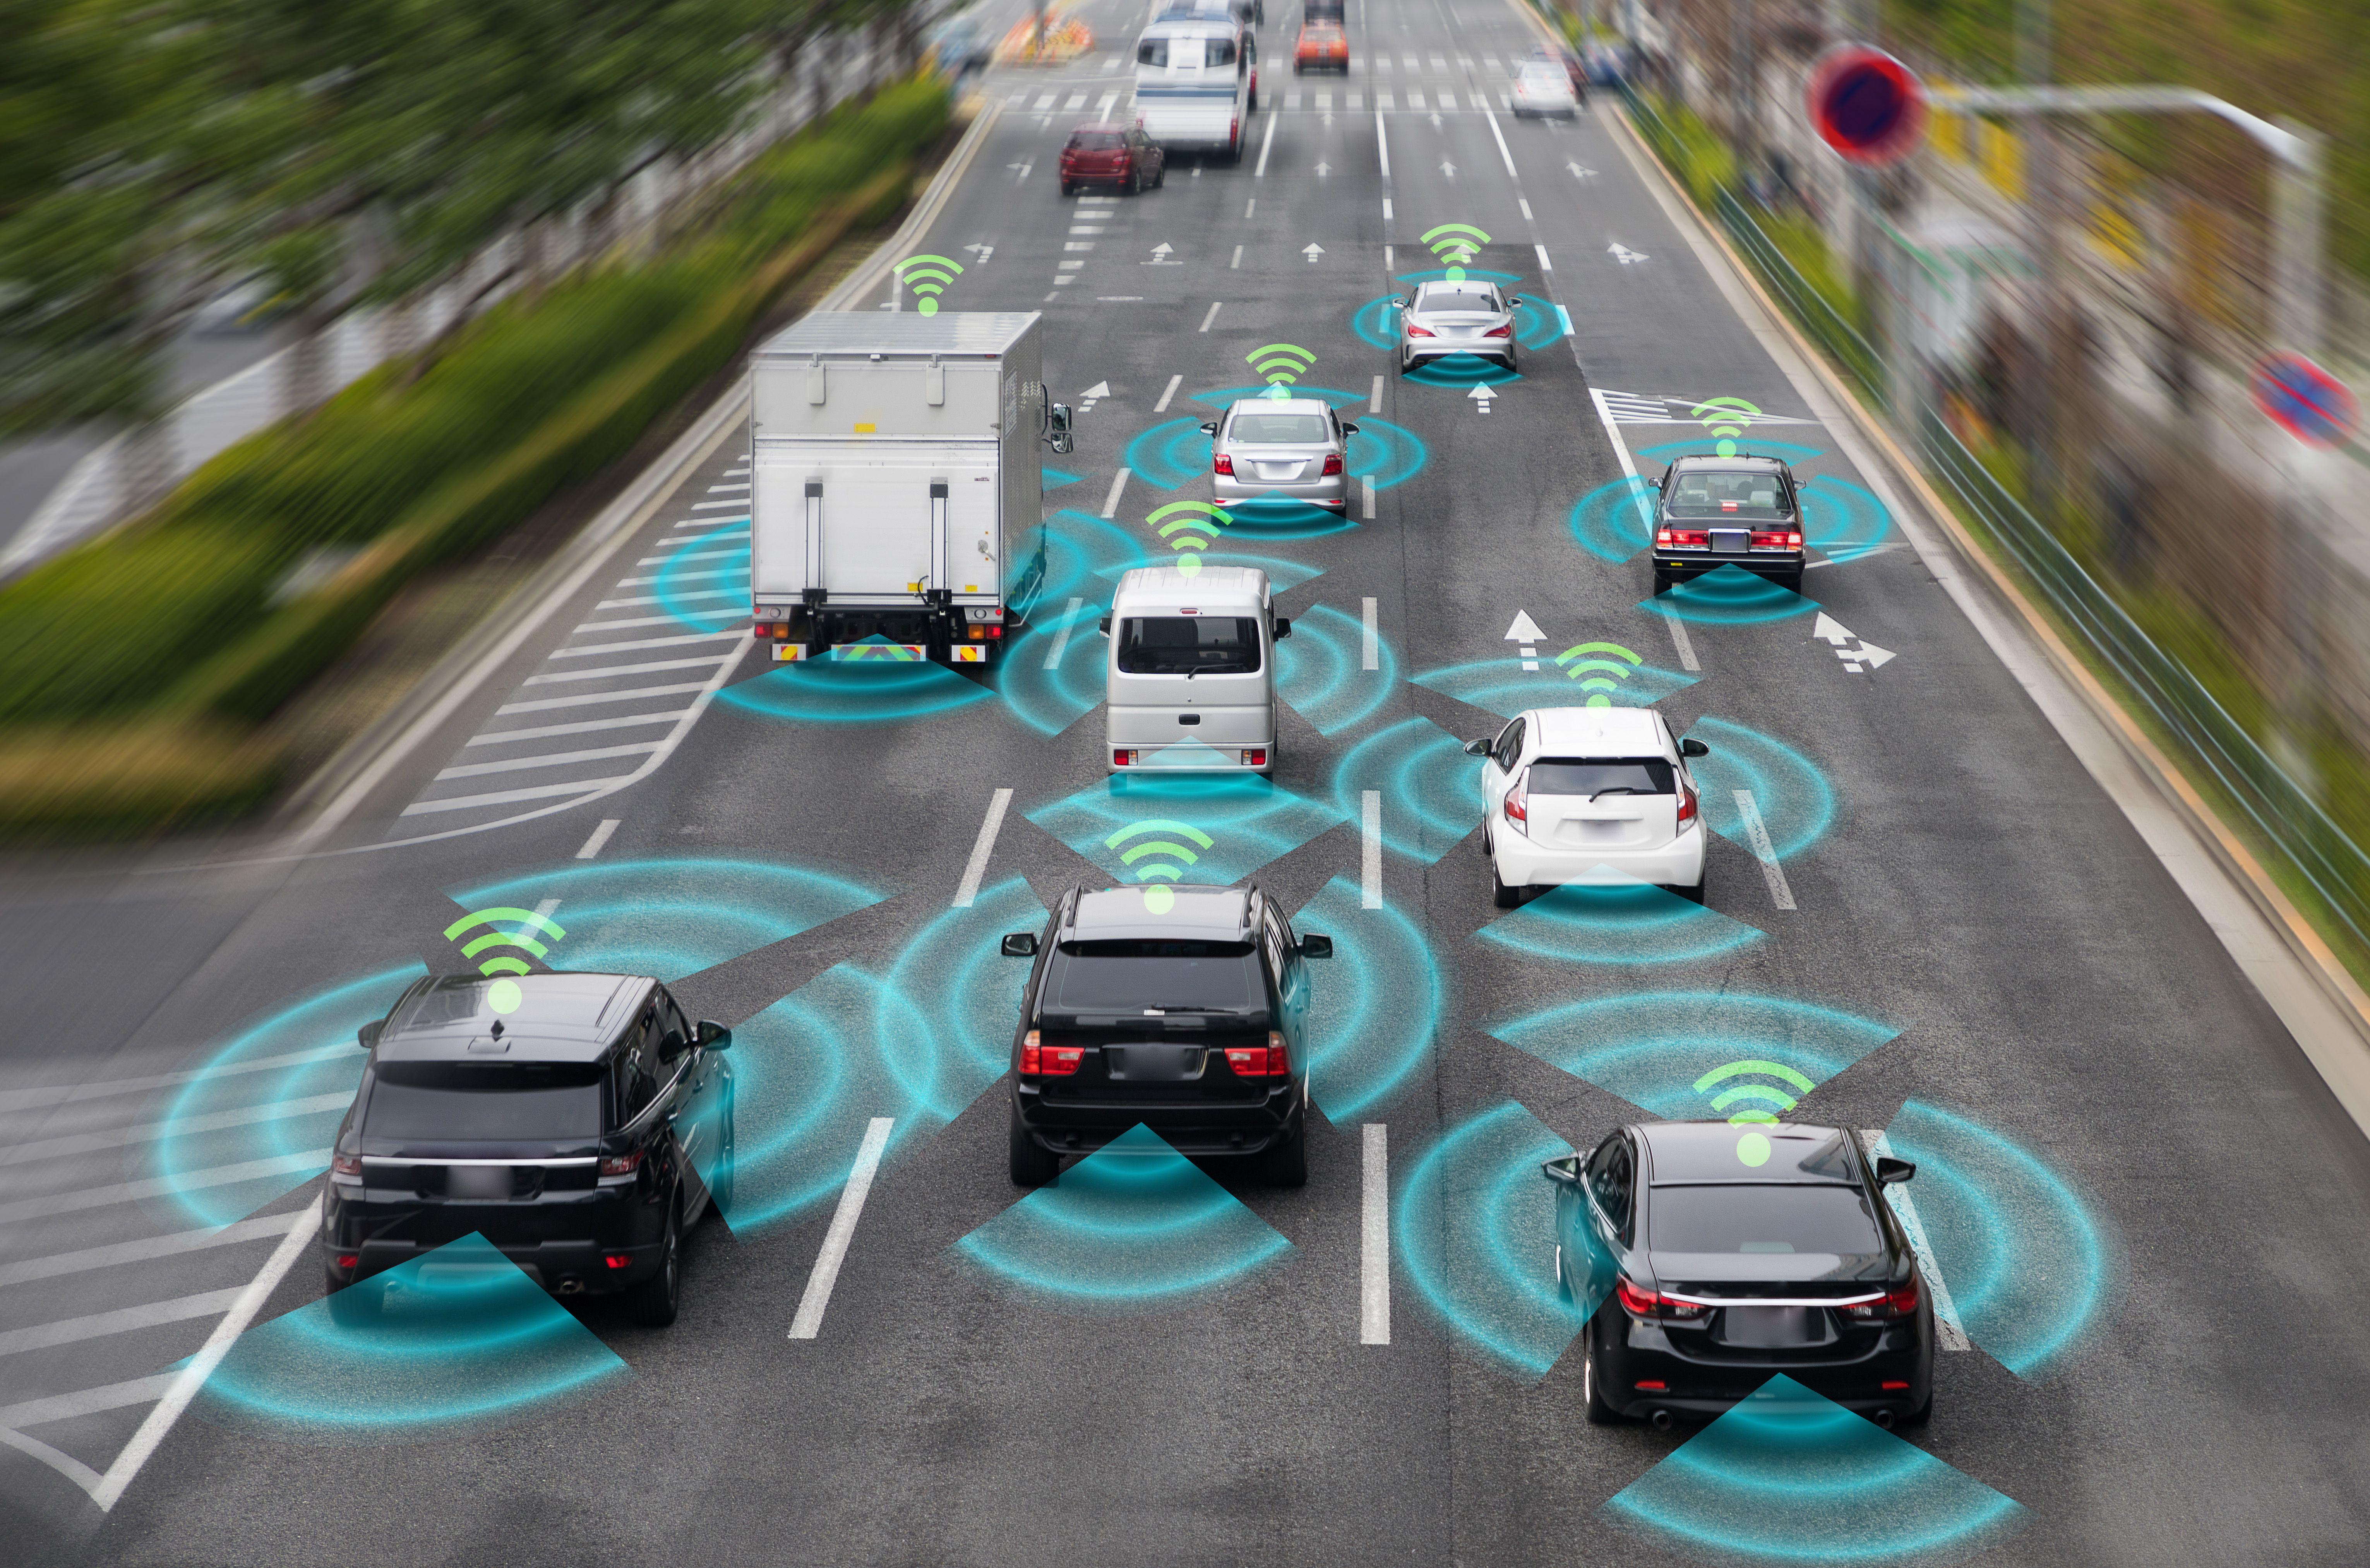 Z sieci 5G mają korzystać m.in. samochody autonomiczne (fot. Shutterstock)